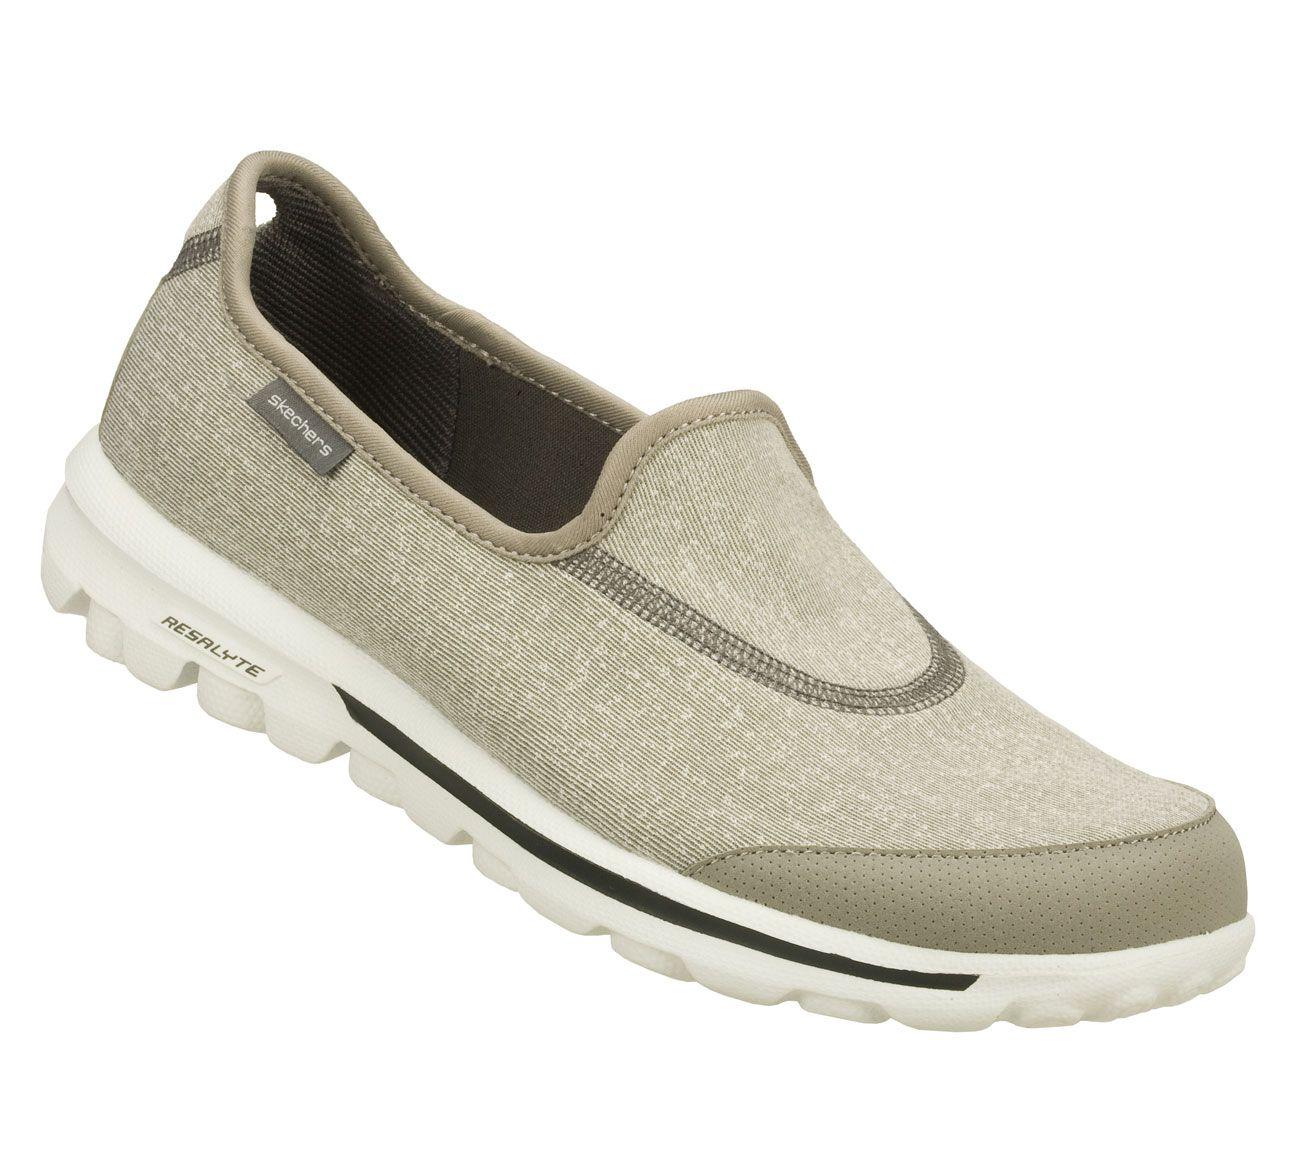 boots watch top best shoe steel comforter most comfortable toe walking shoes